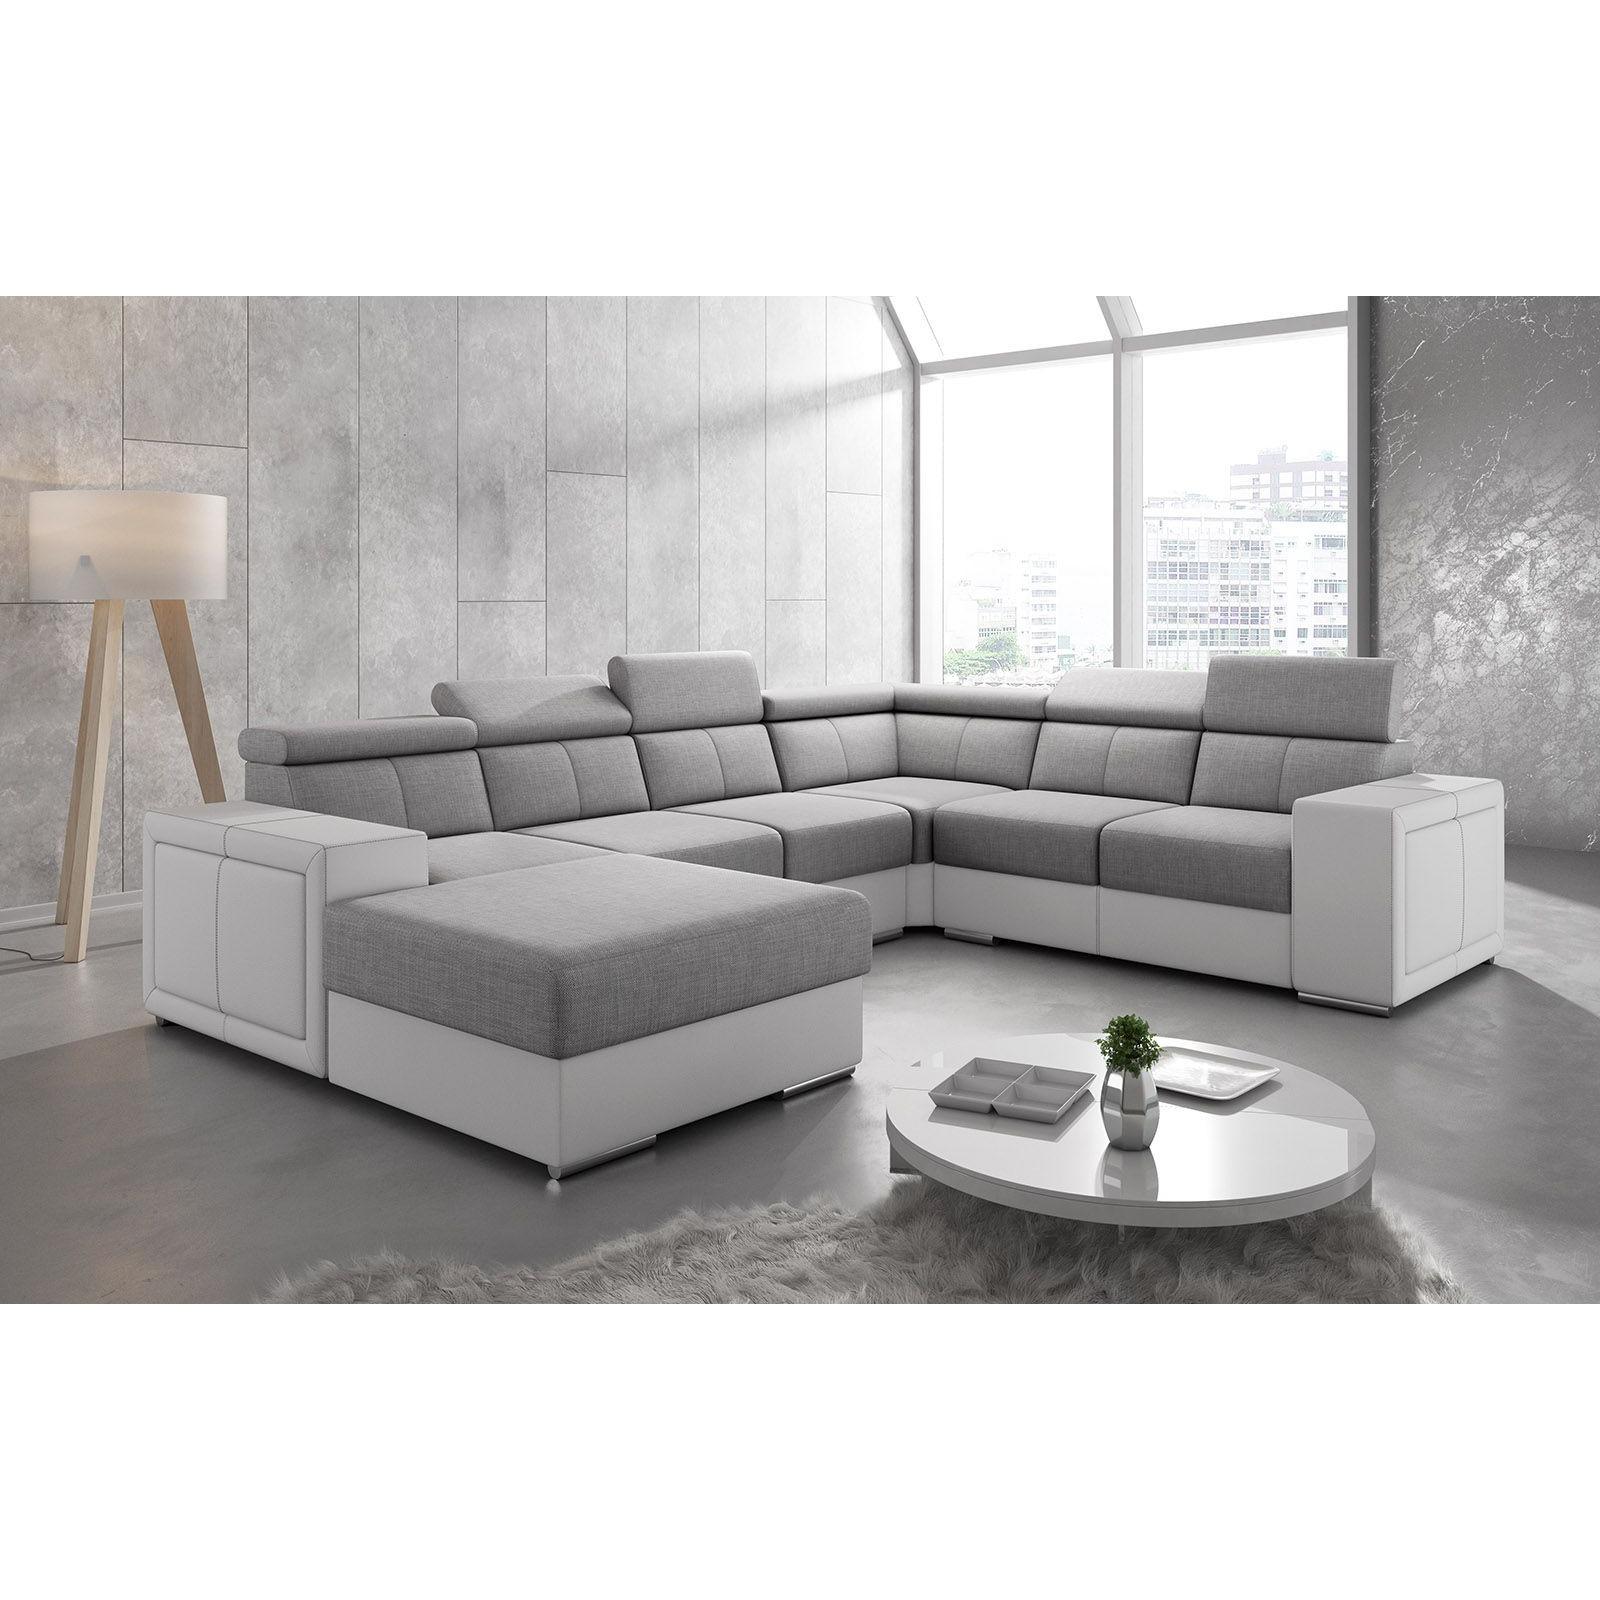 Salon Canapé d'angle moderne en tissu gris clair et